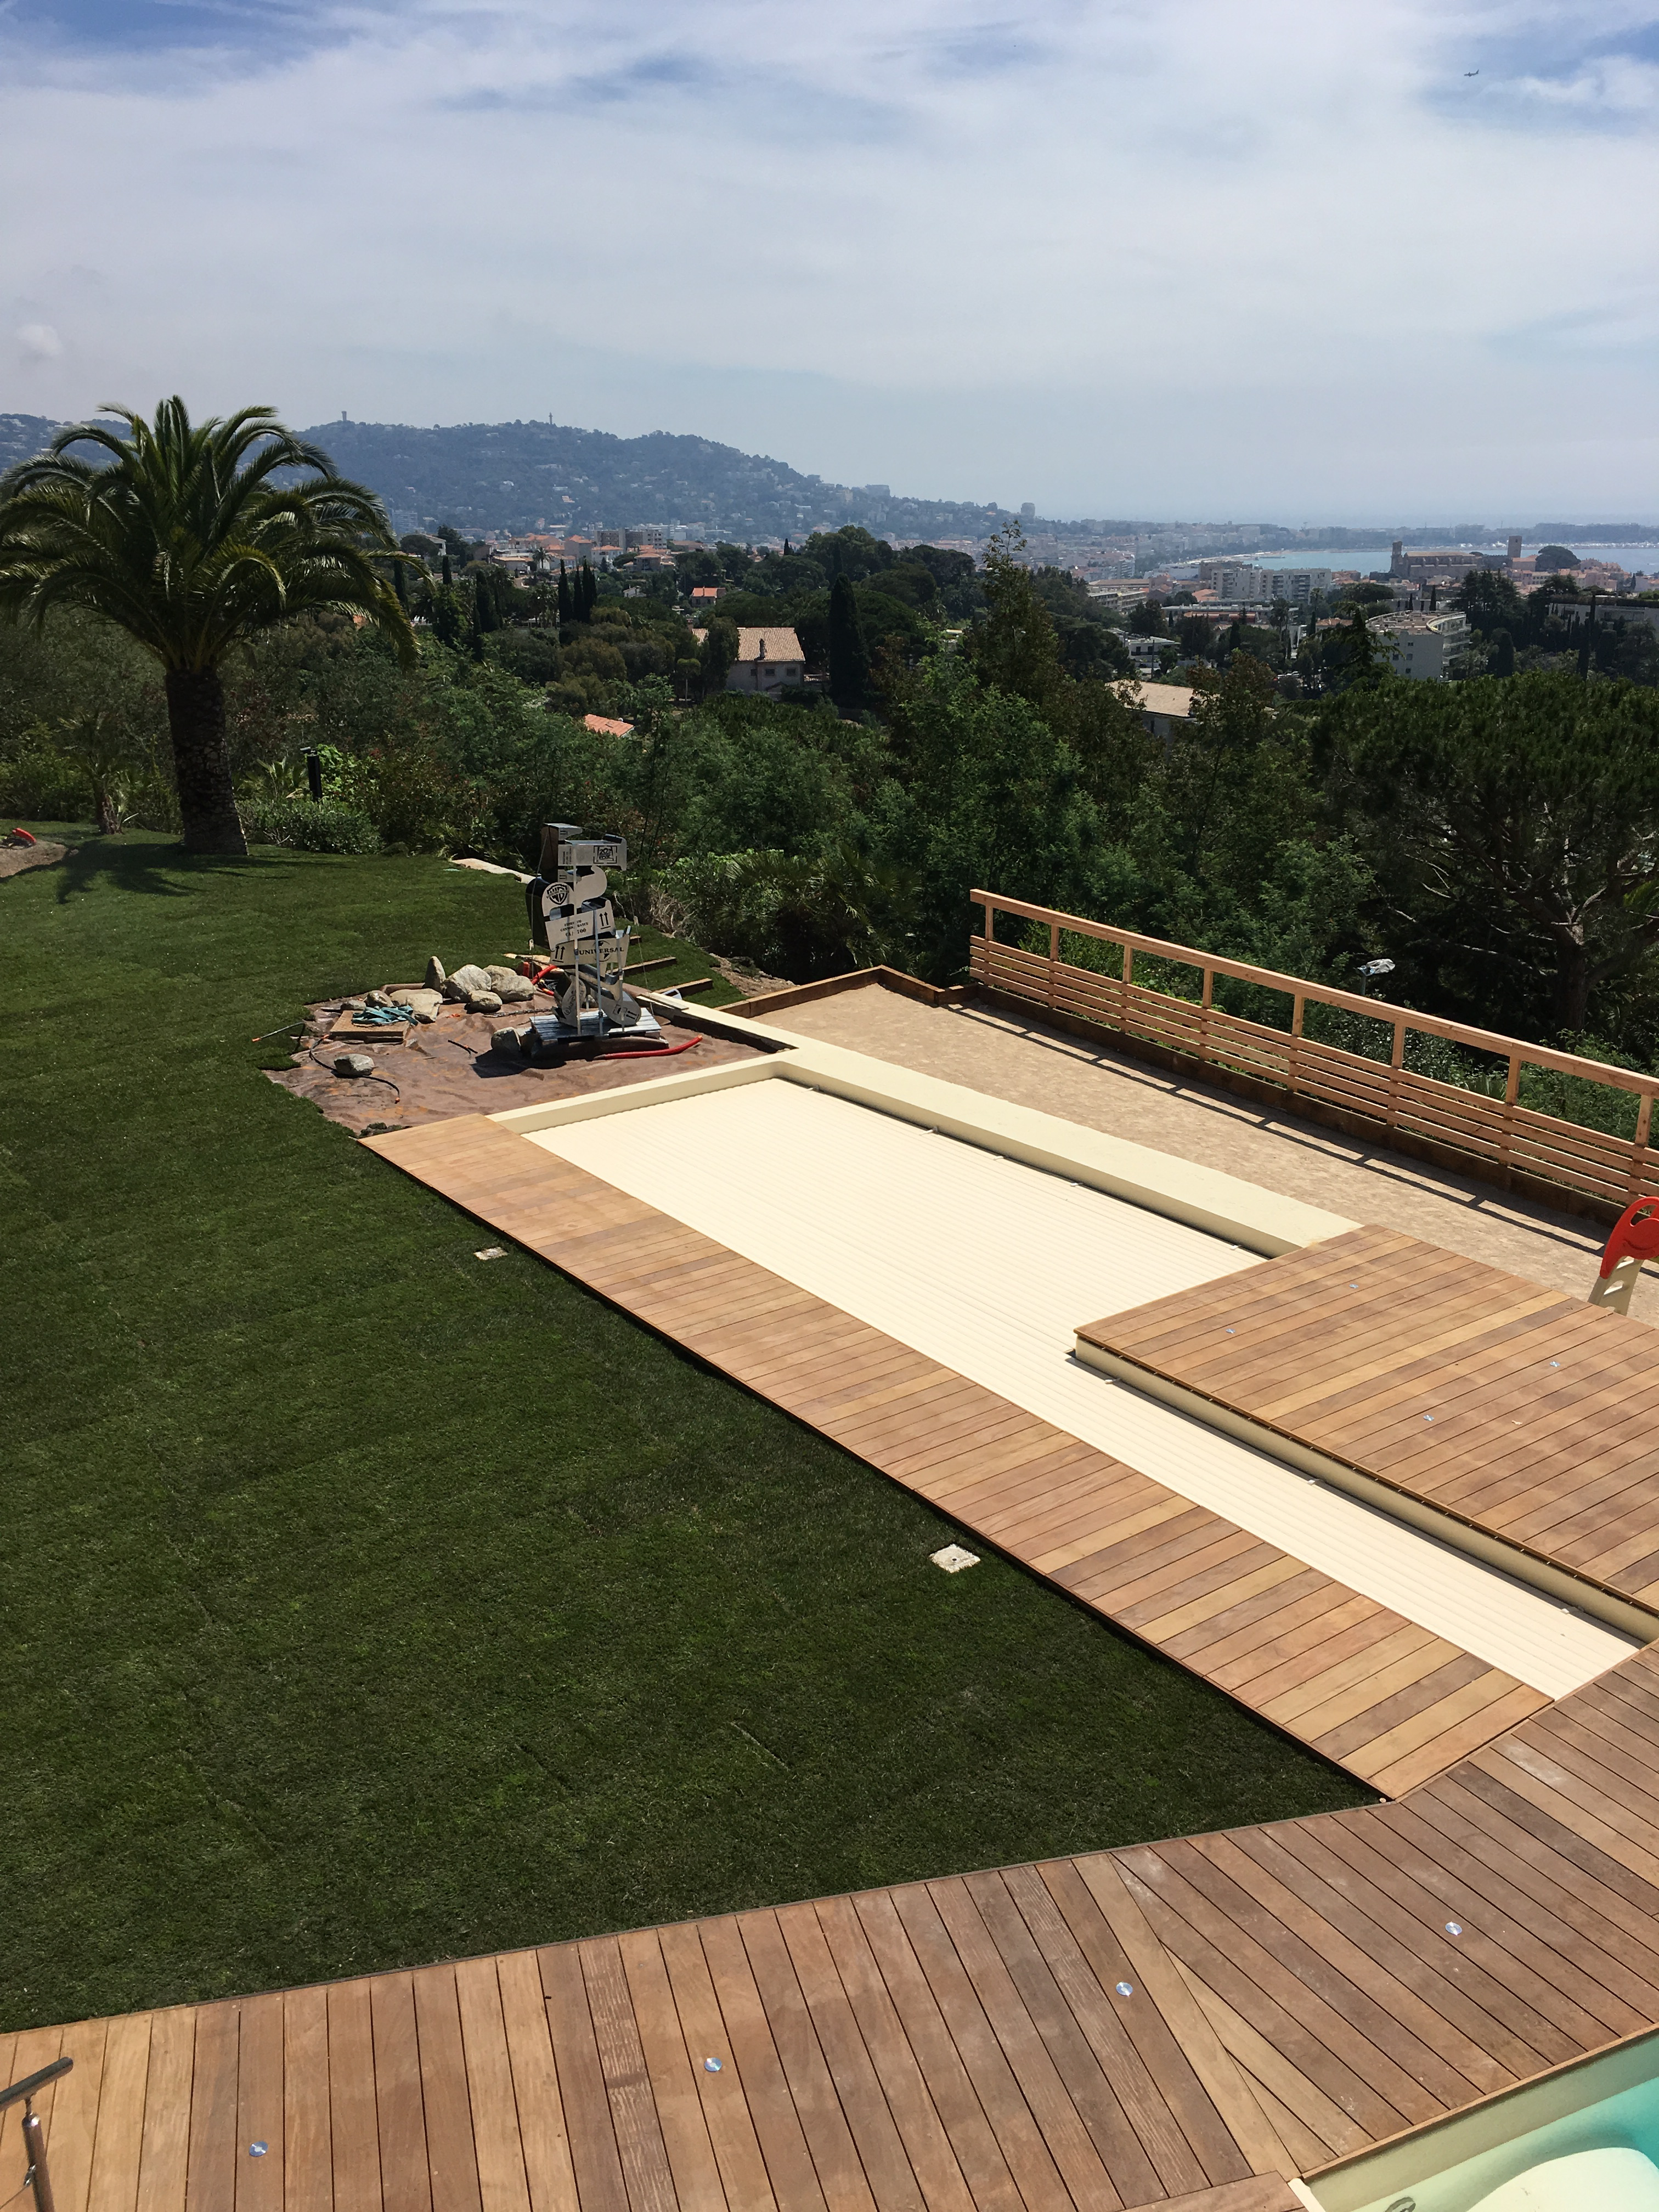 am nagement de terrasse jardini re cannes 06 st rapha l. Black Bedroom Furniture Sets. Home Design Ideas